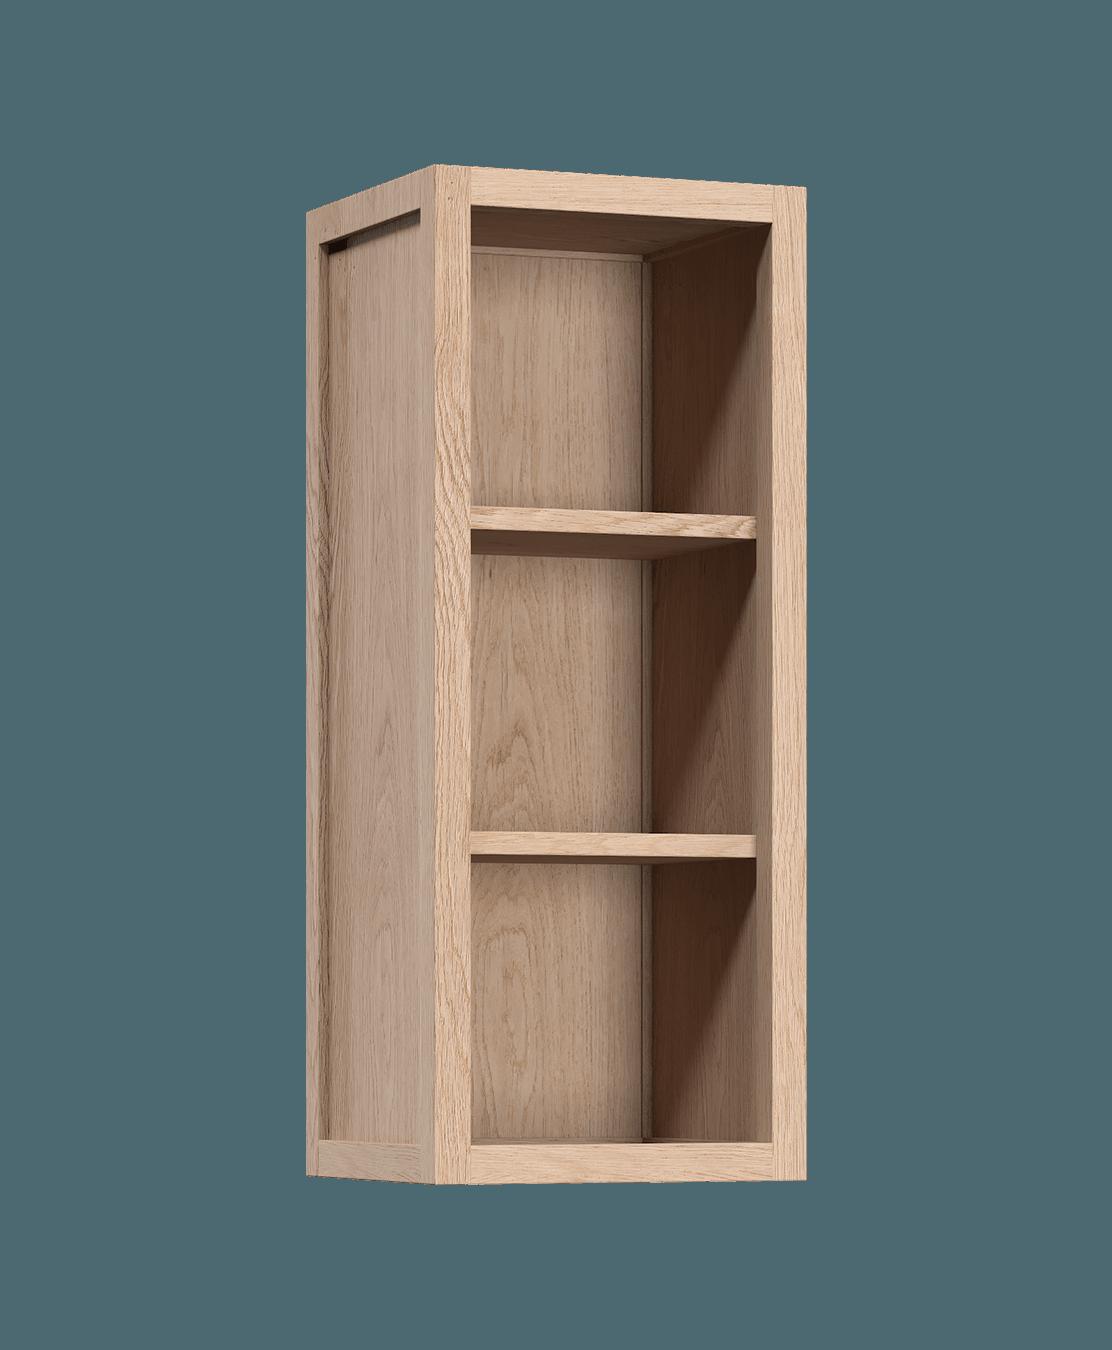 armoire de cuisine modulaire murale ouverte en bois massif coquo radix avec 2 portes en verre chêne blanc 12 pouces C1-W-1212-0000-NA